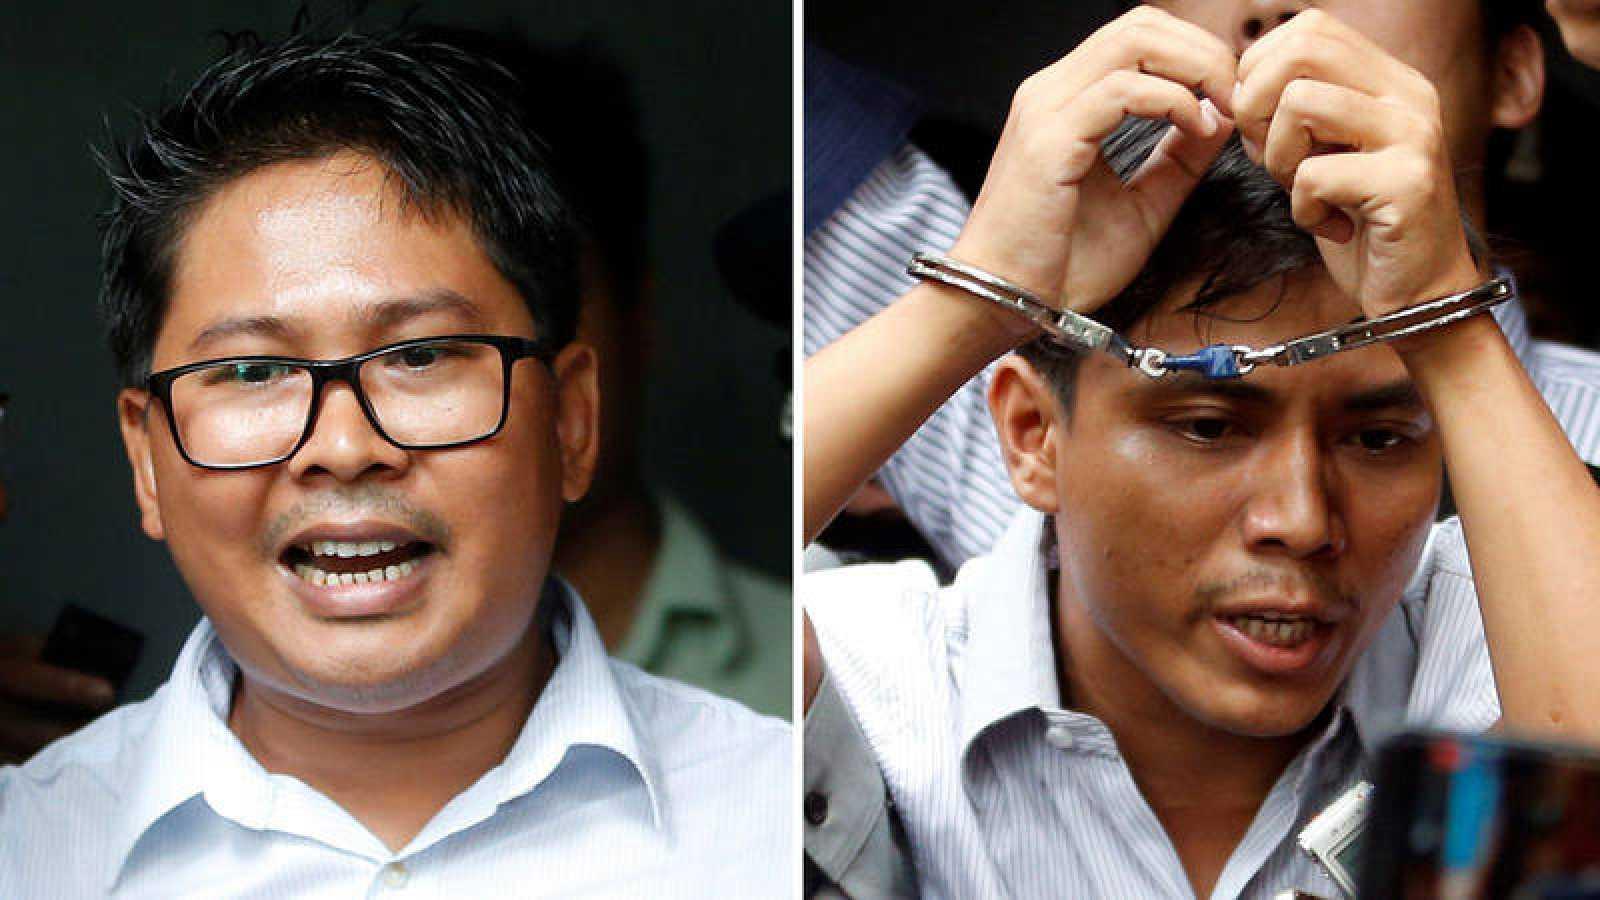 Los periodistas de Reuters Wa Lone y Kyaw Soe Oo